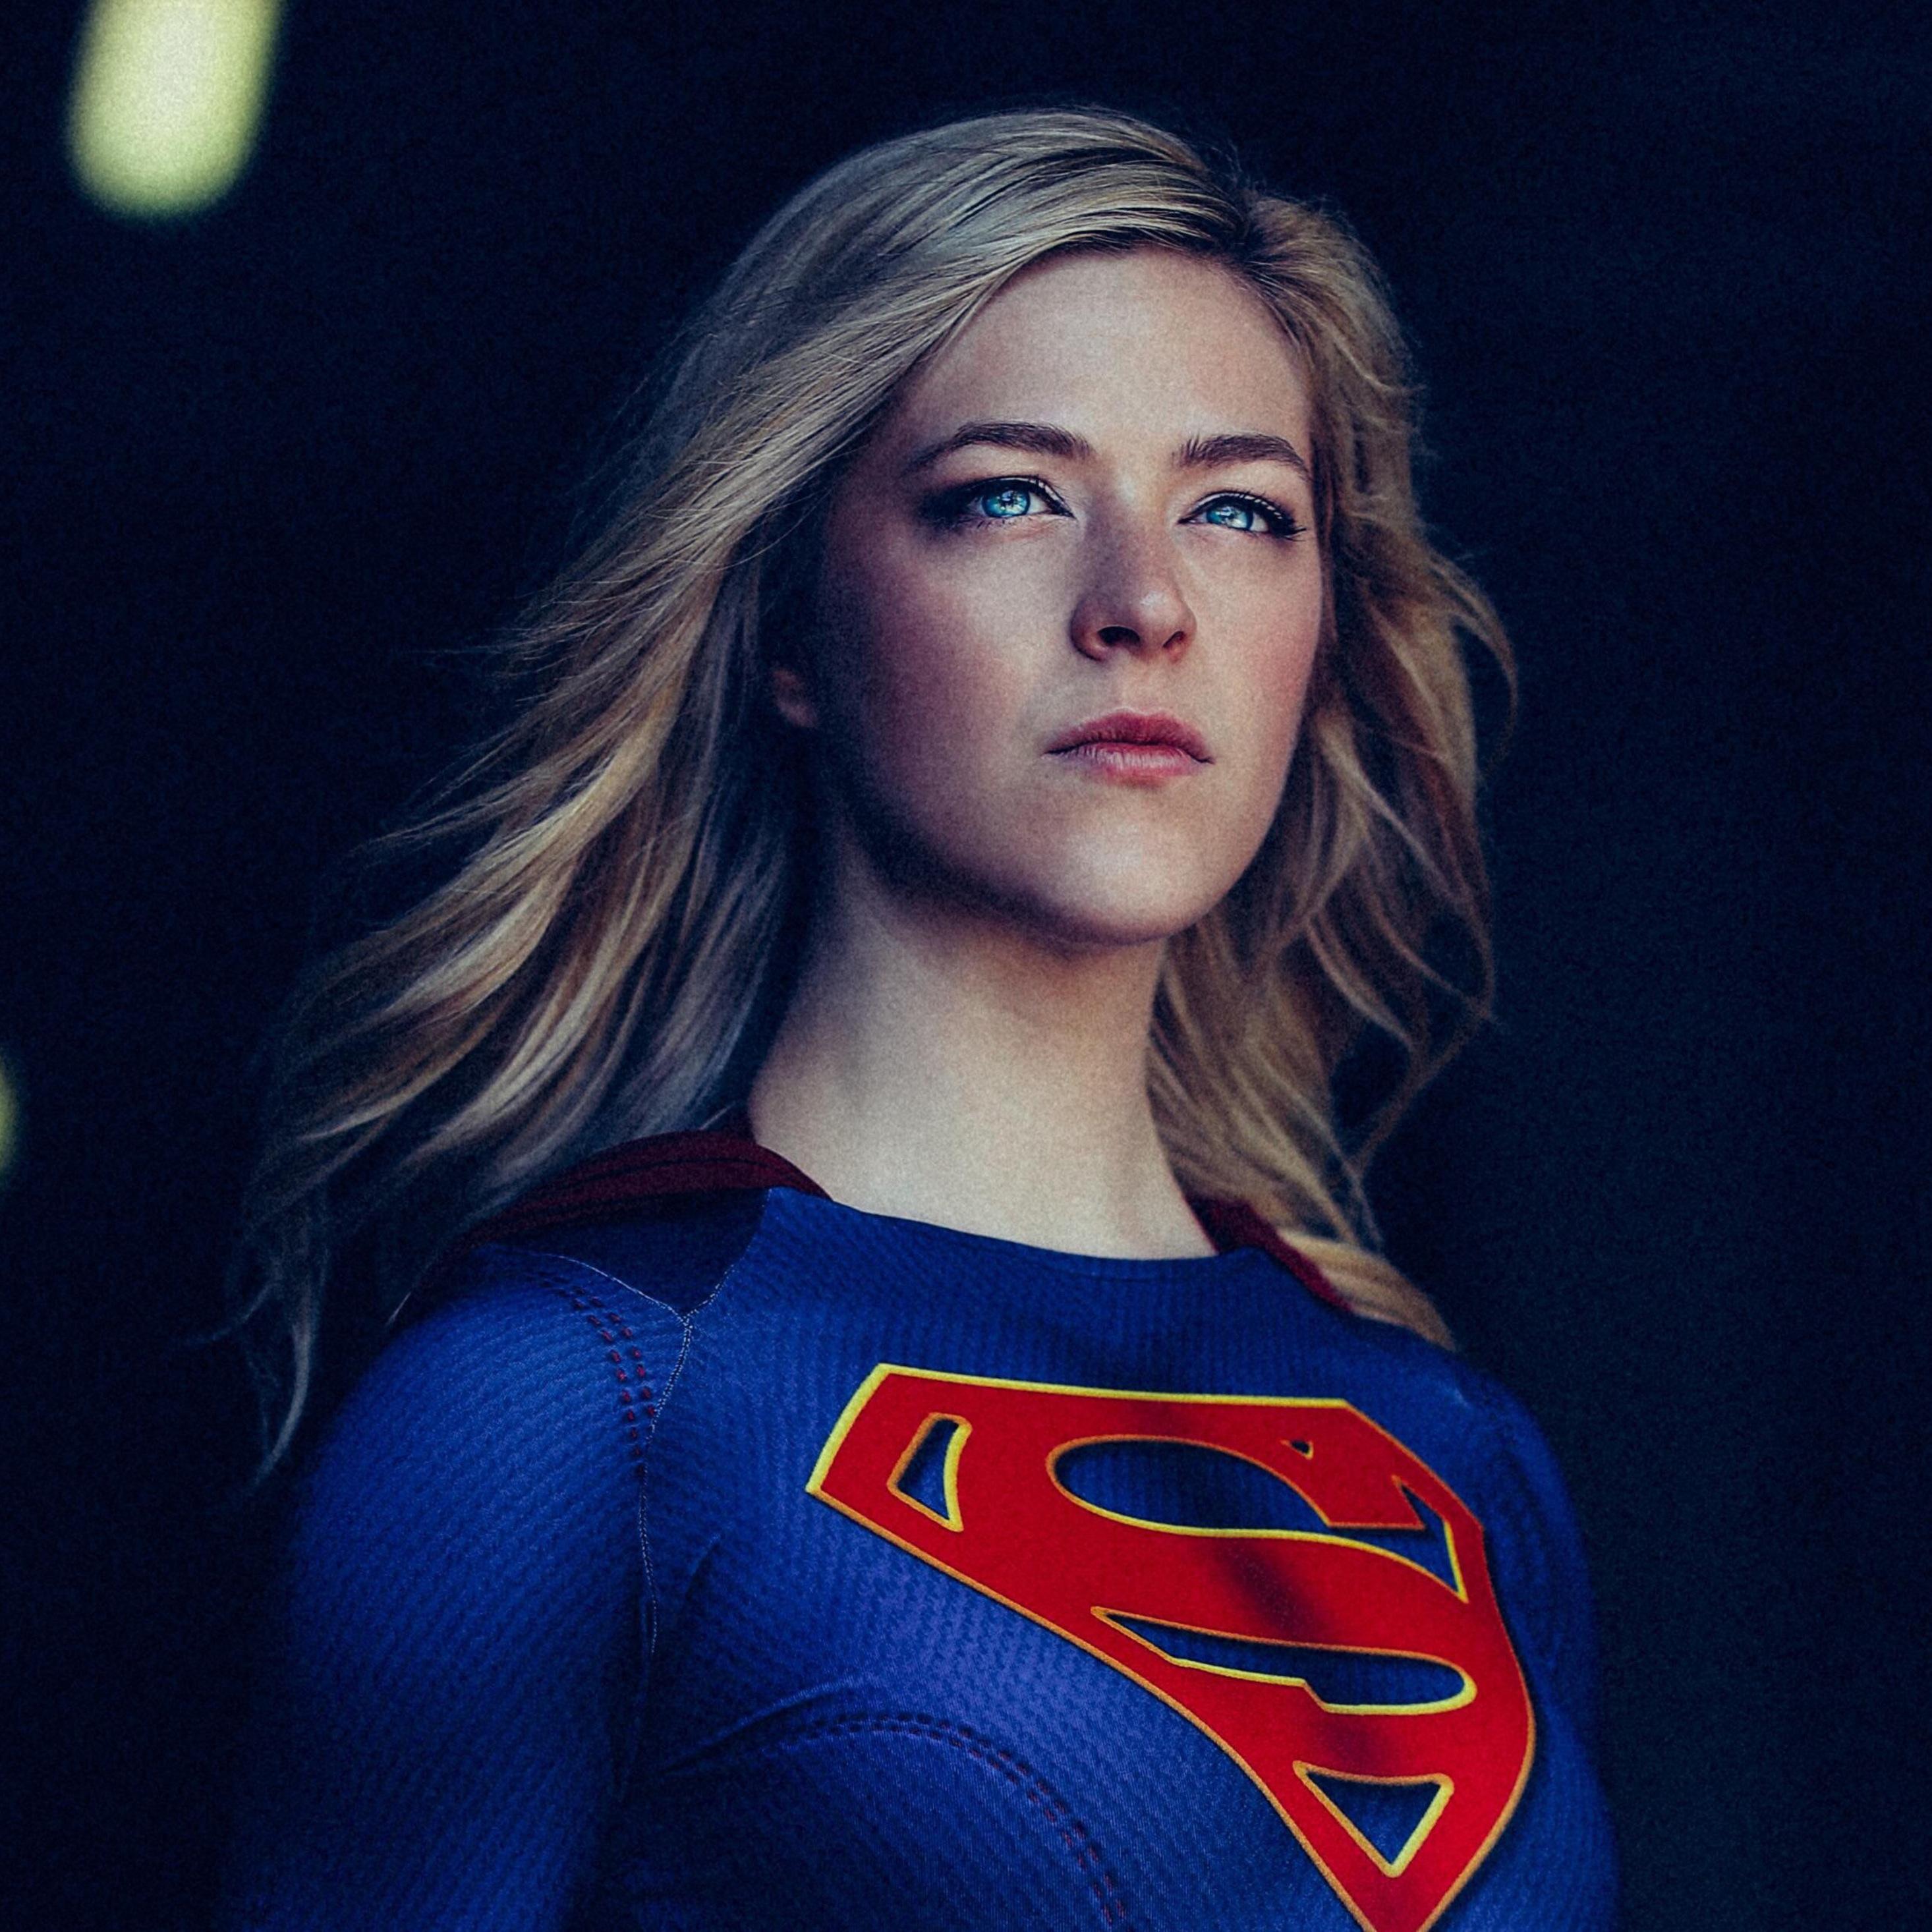 supergirl-cosplay-5k-sf.jpg